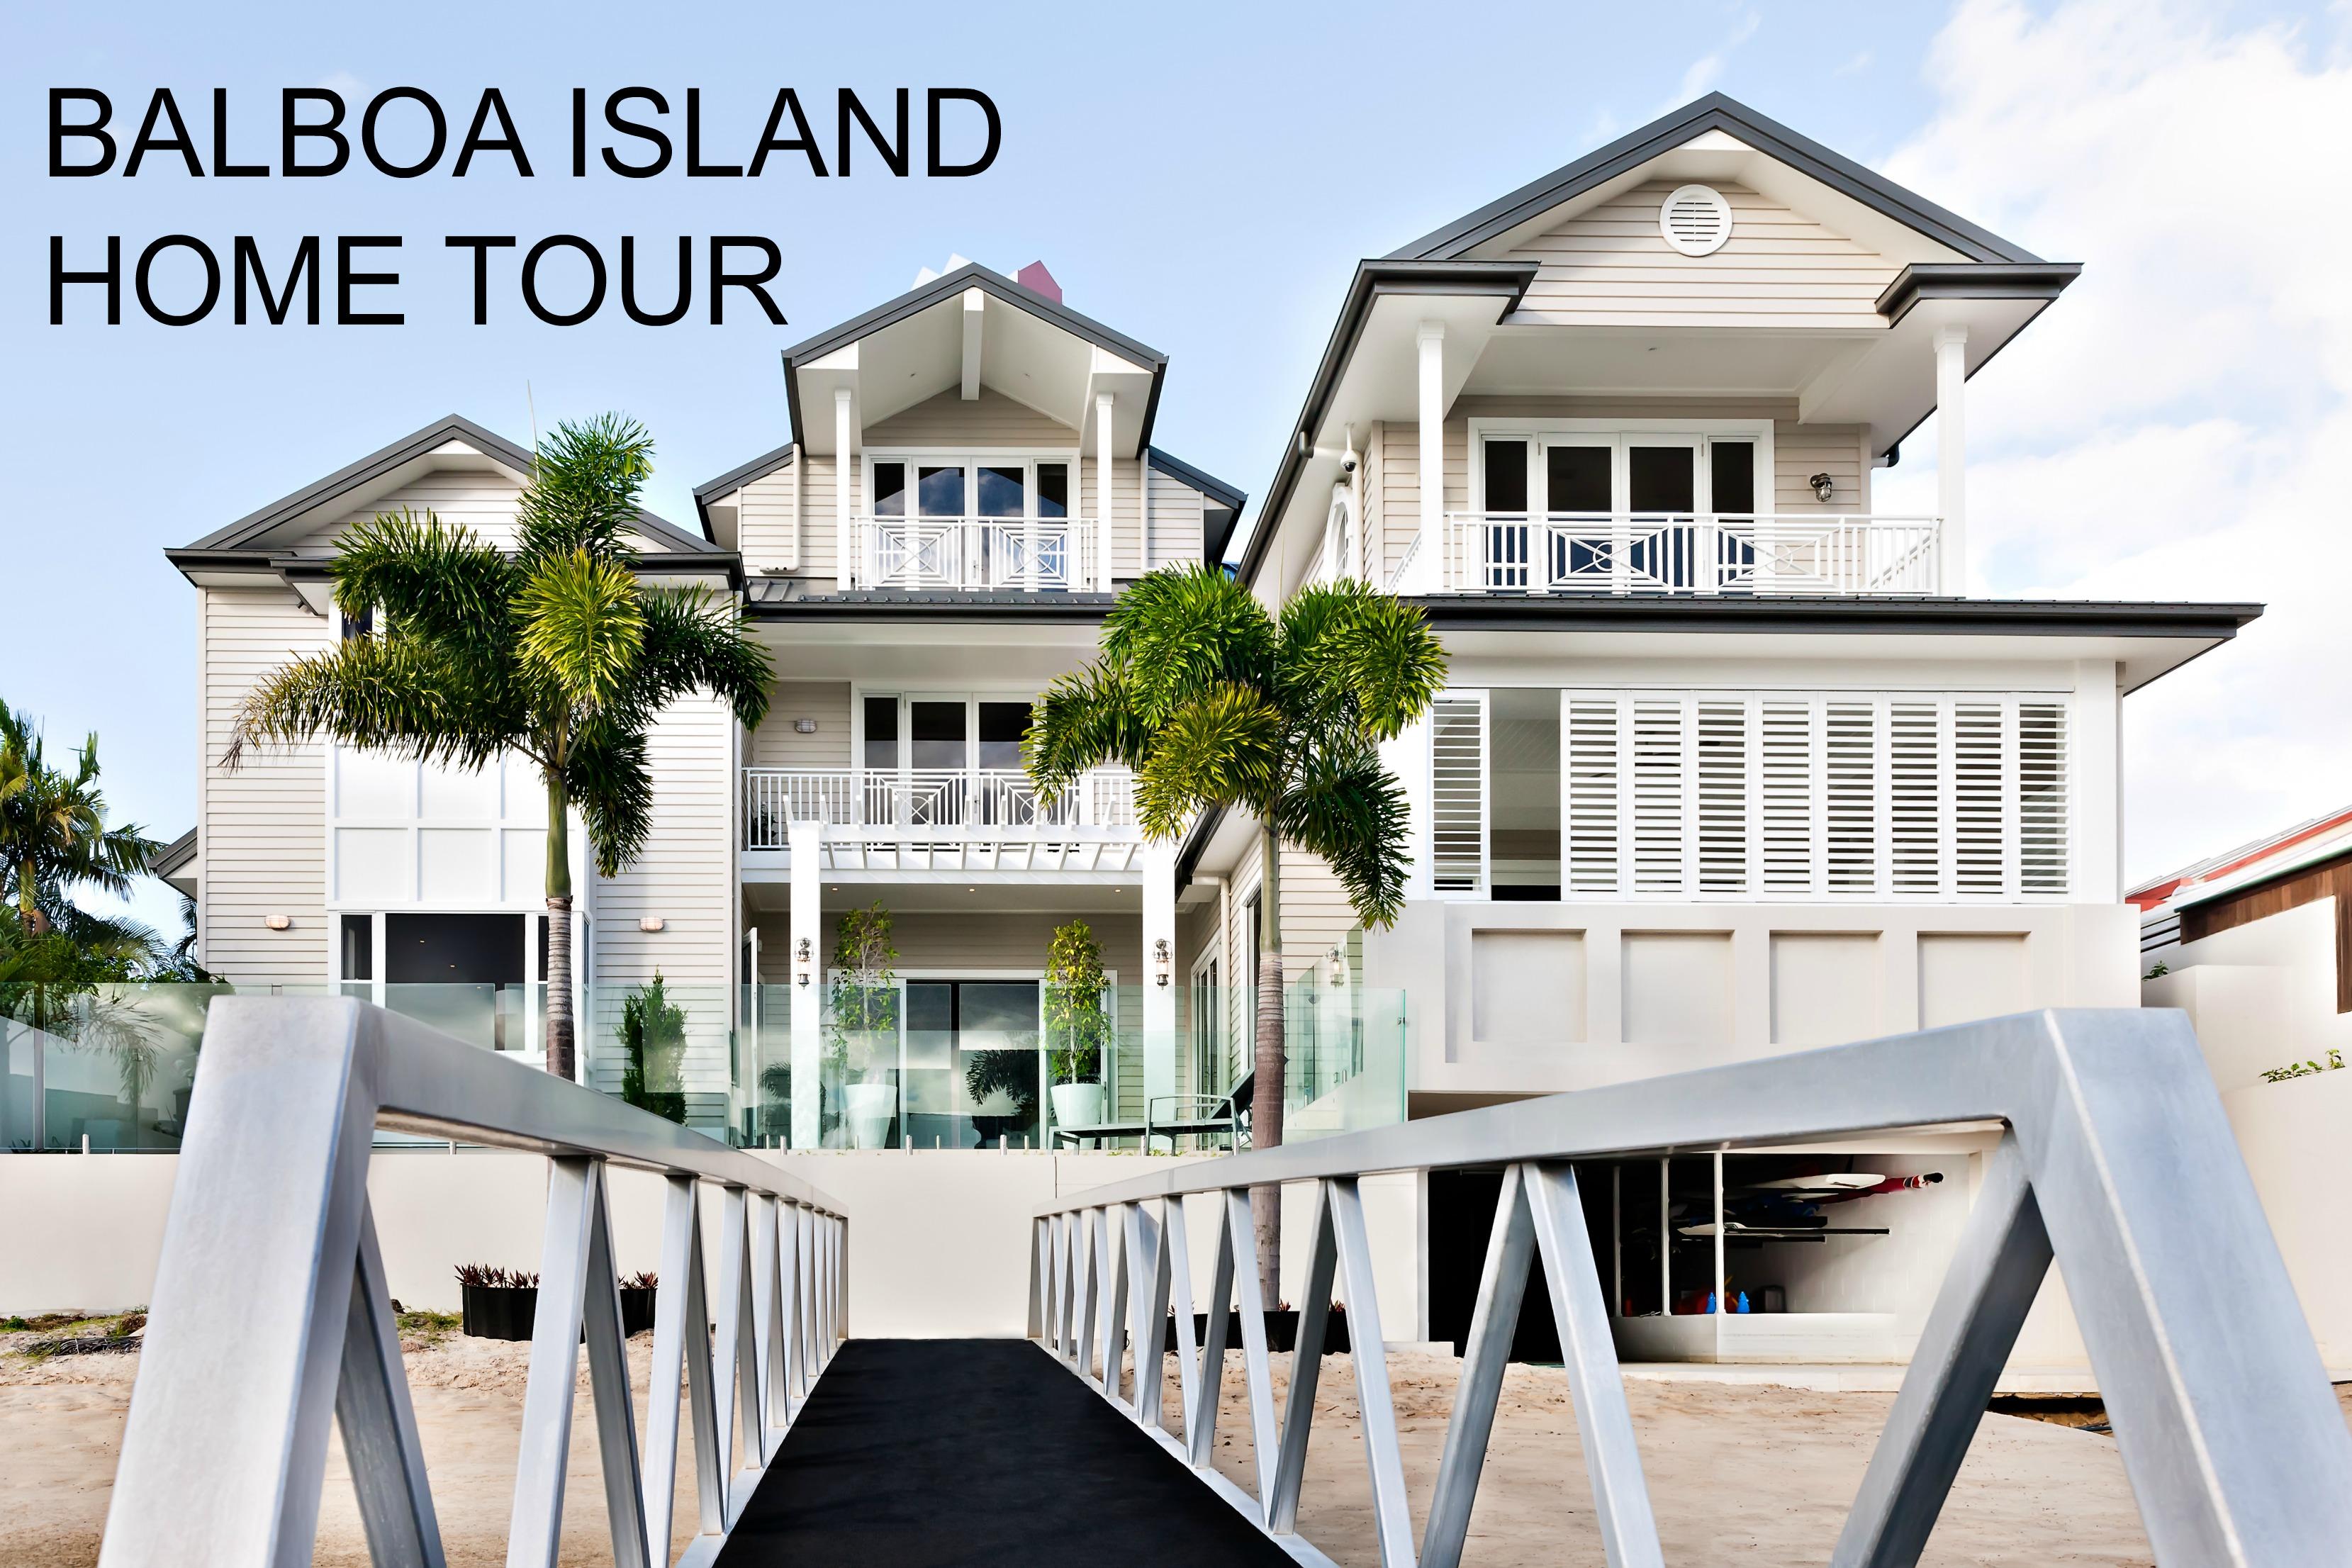 balboa-island-home-tour